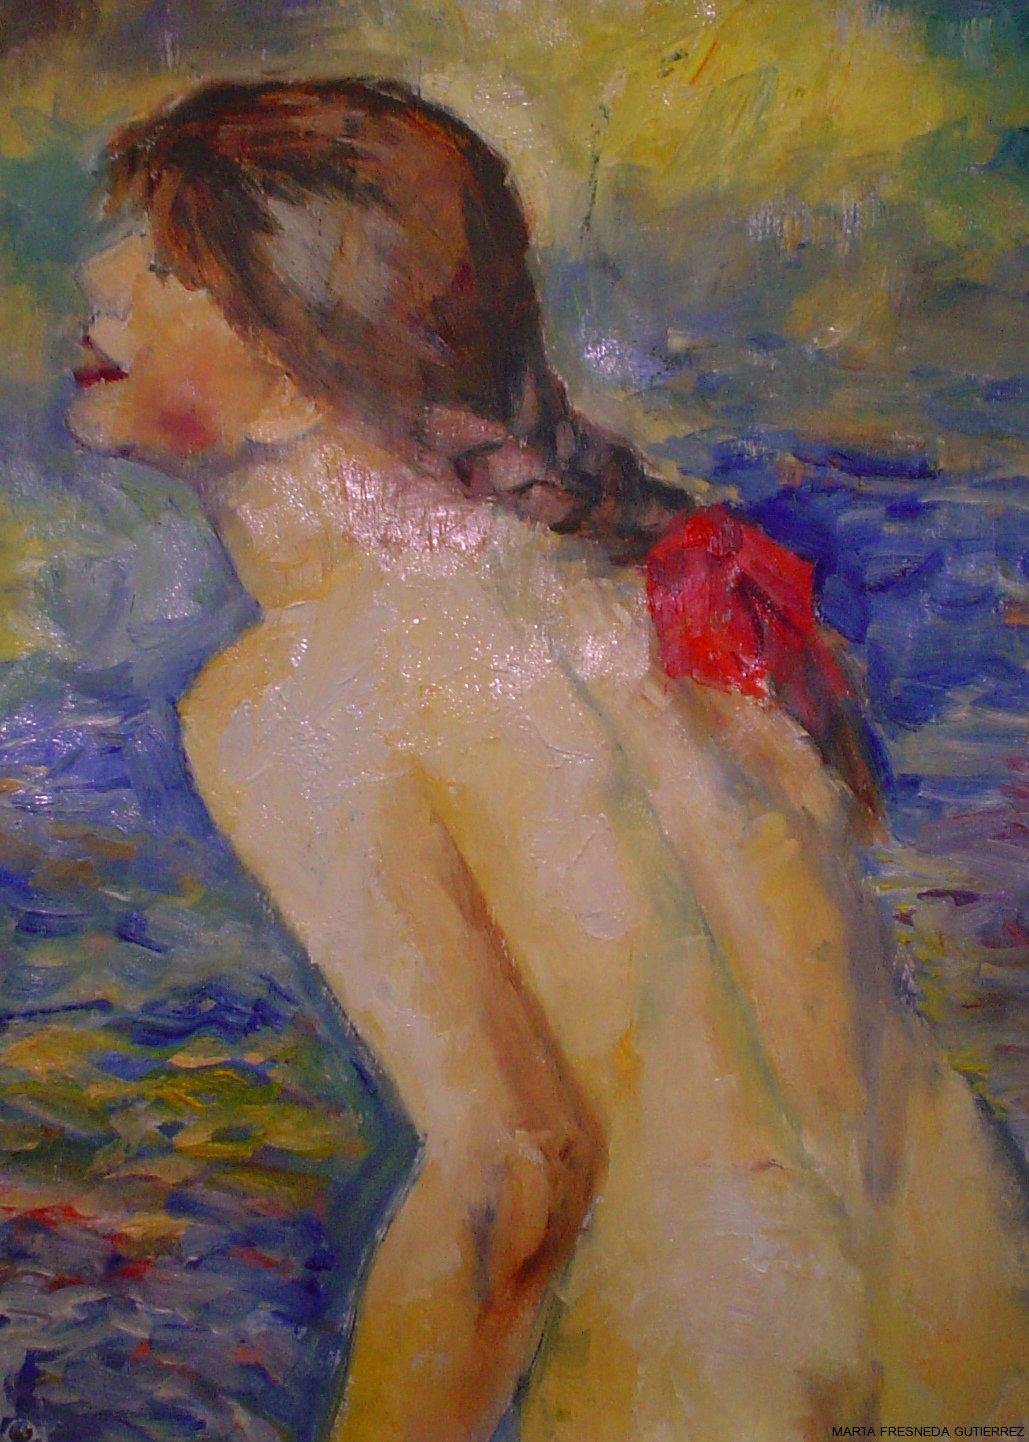 Desnudo#2/Nudo #2